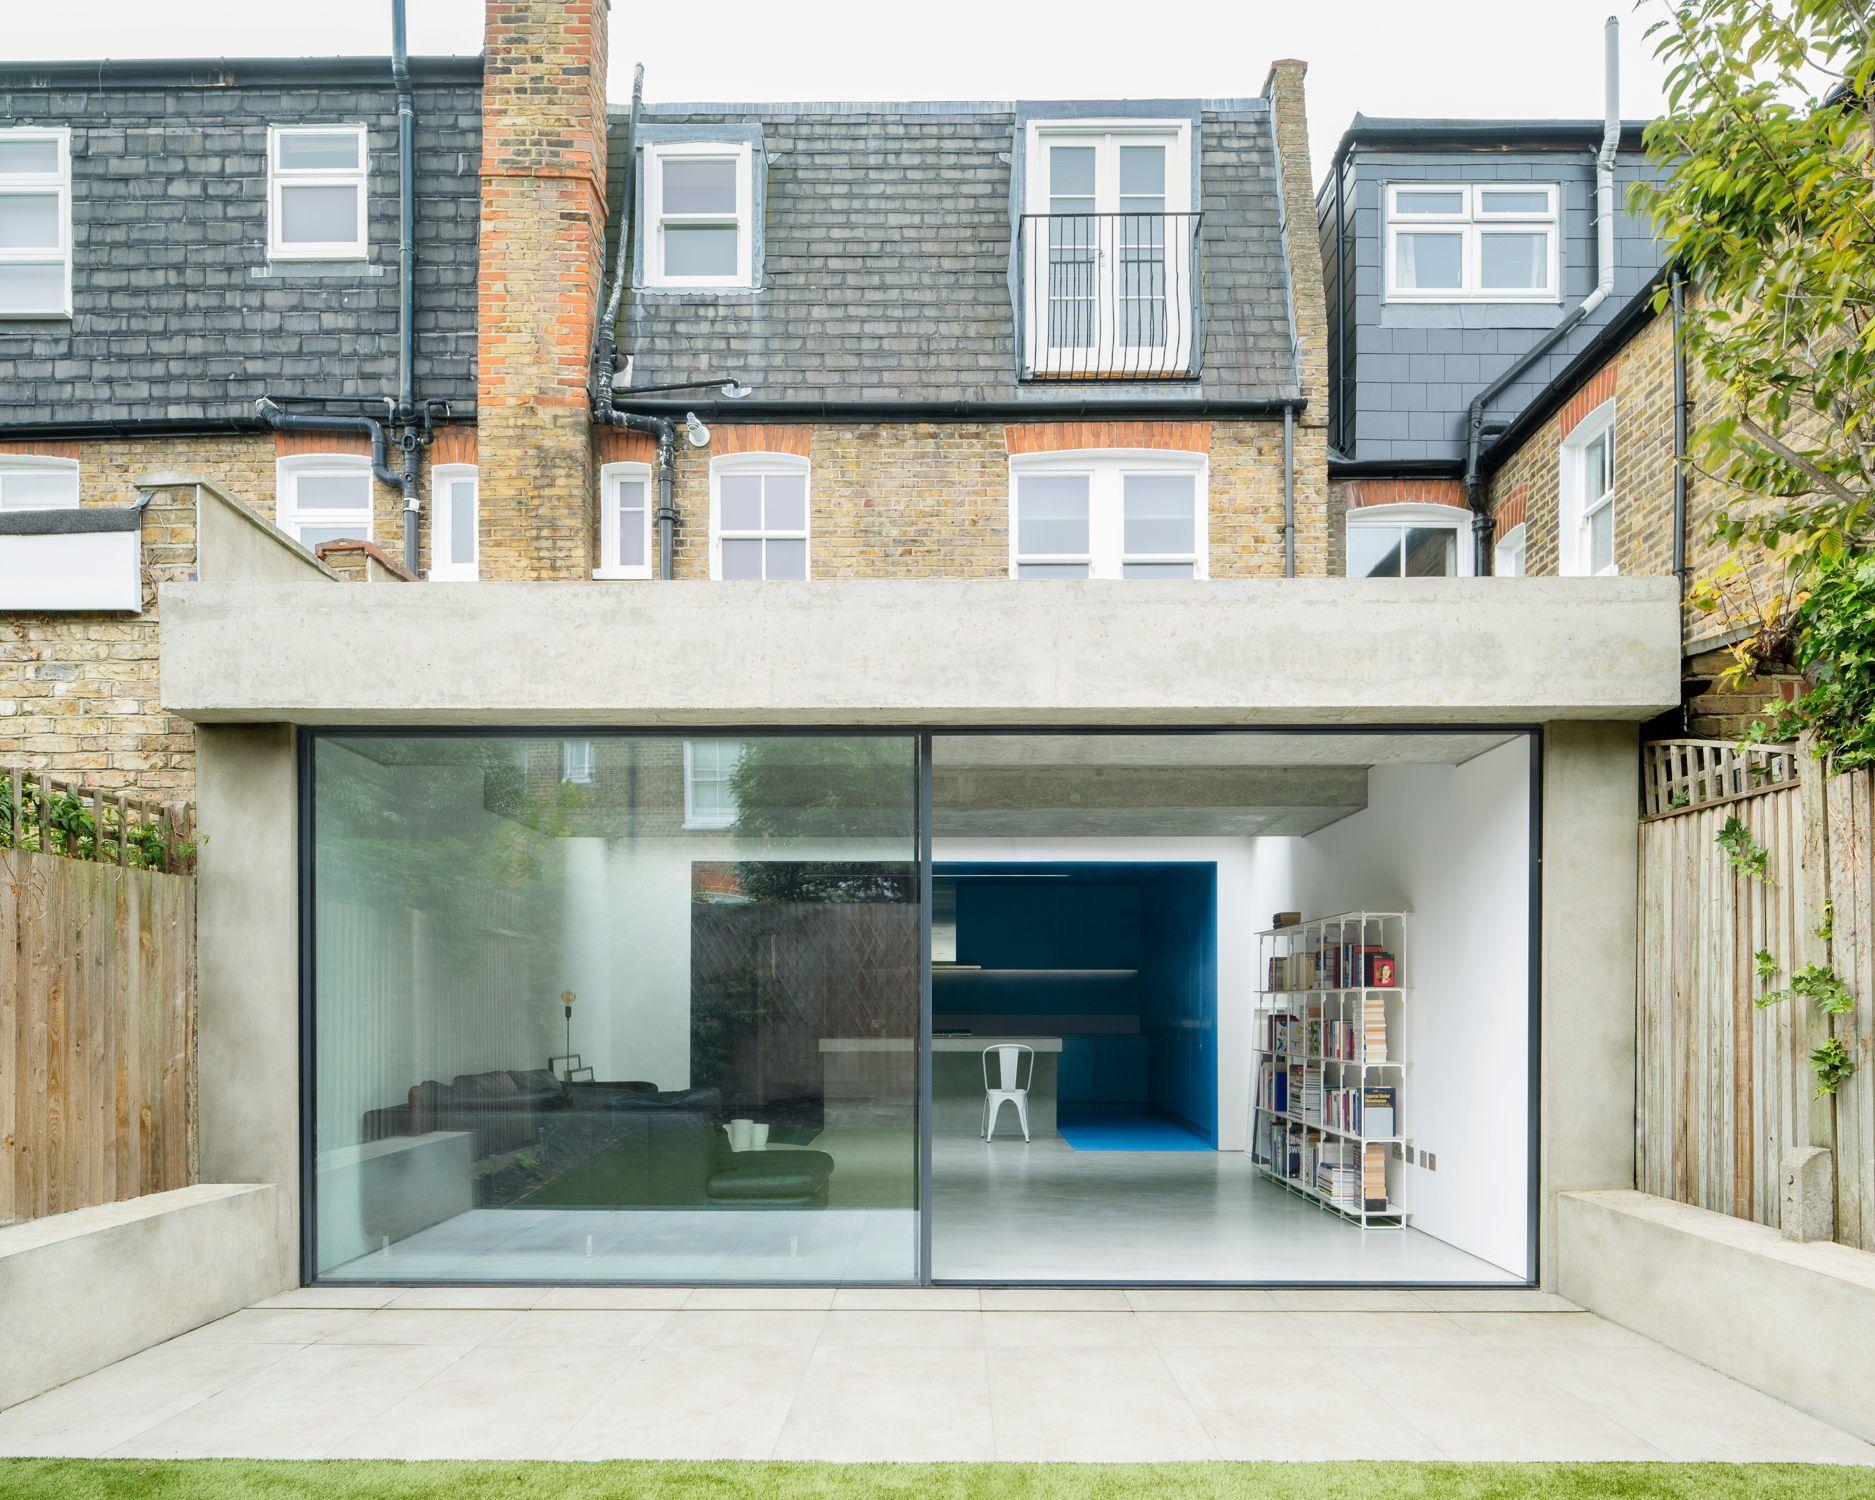 Slabs im Garten - Londoner Hauserweiterung | Garten, Bureaus and House